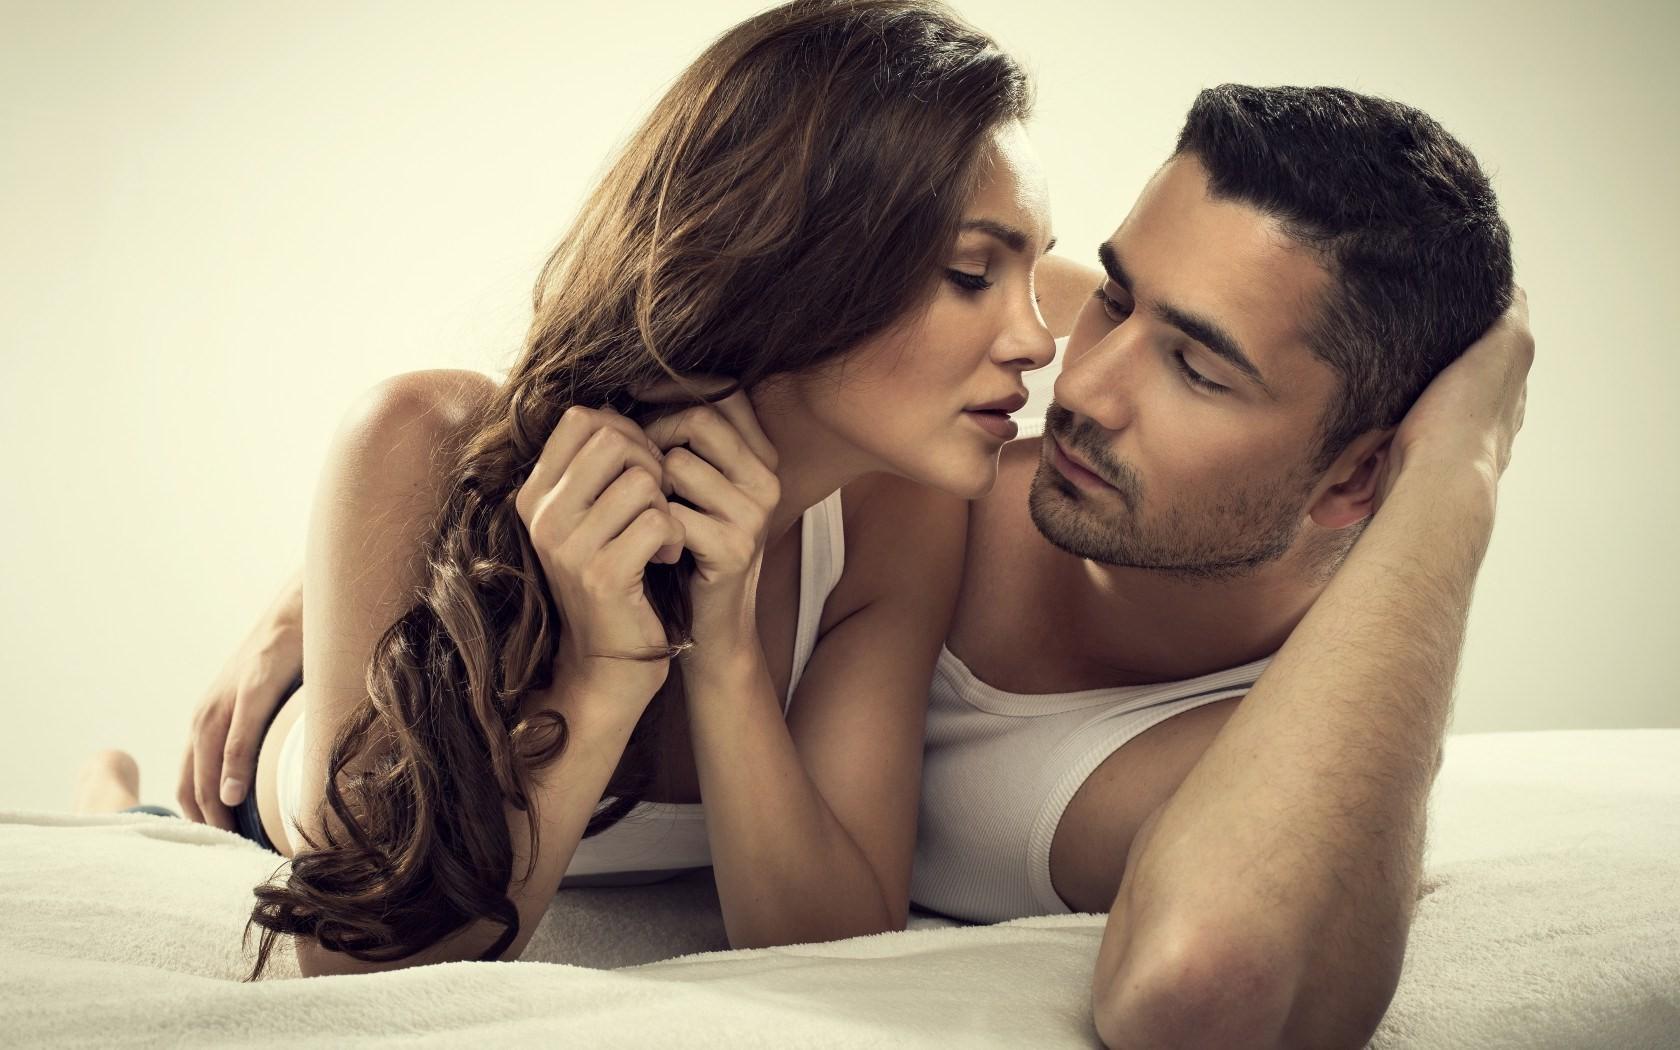 Romantic sex online Gay Romance im Online Shop der Buchhandlung Löwenherz